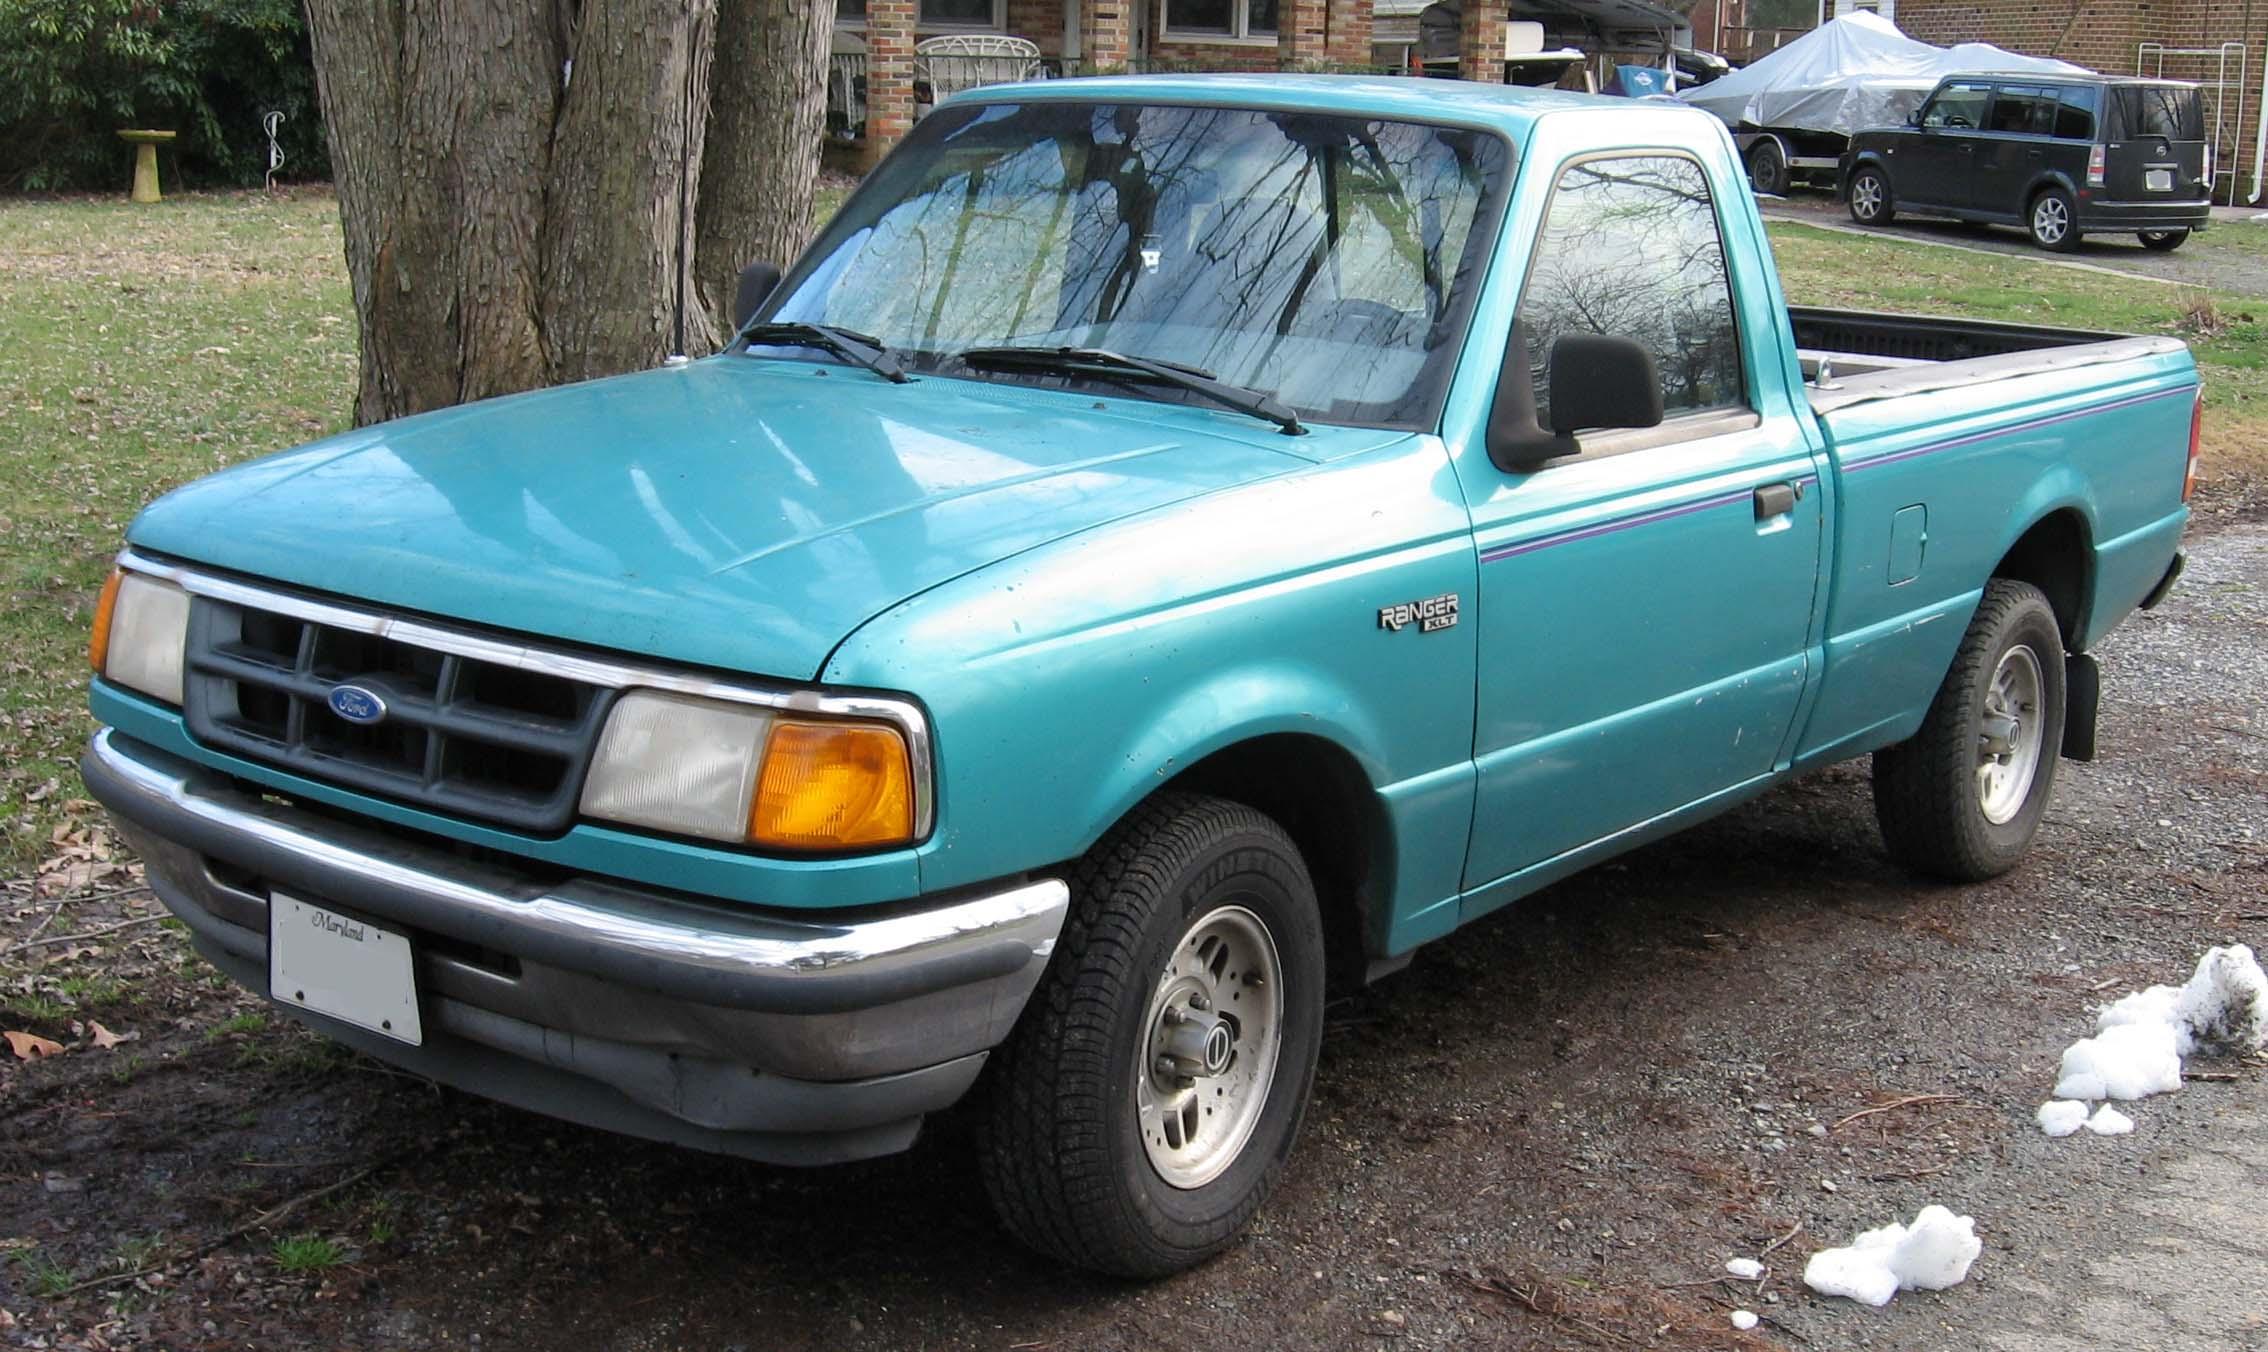 1993 Ford Ranger #13 Ford Ranger #13